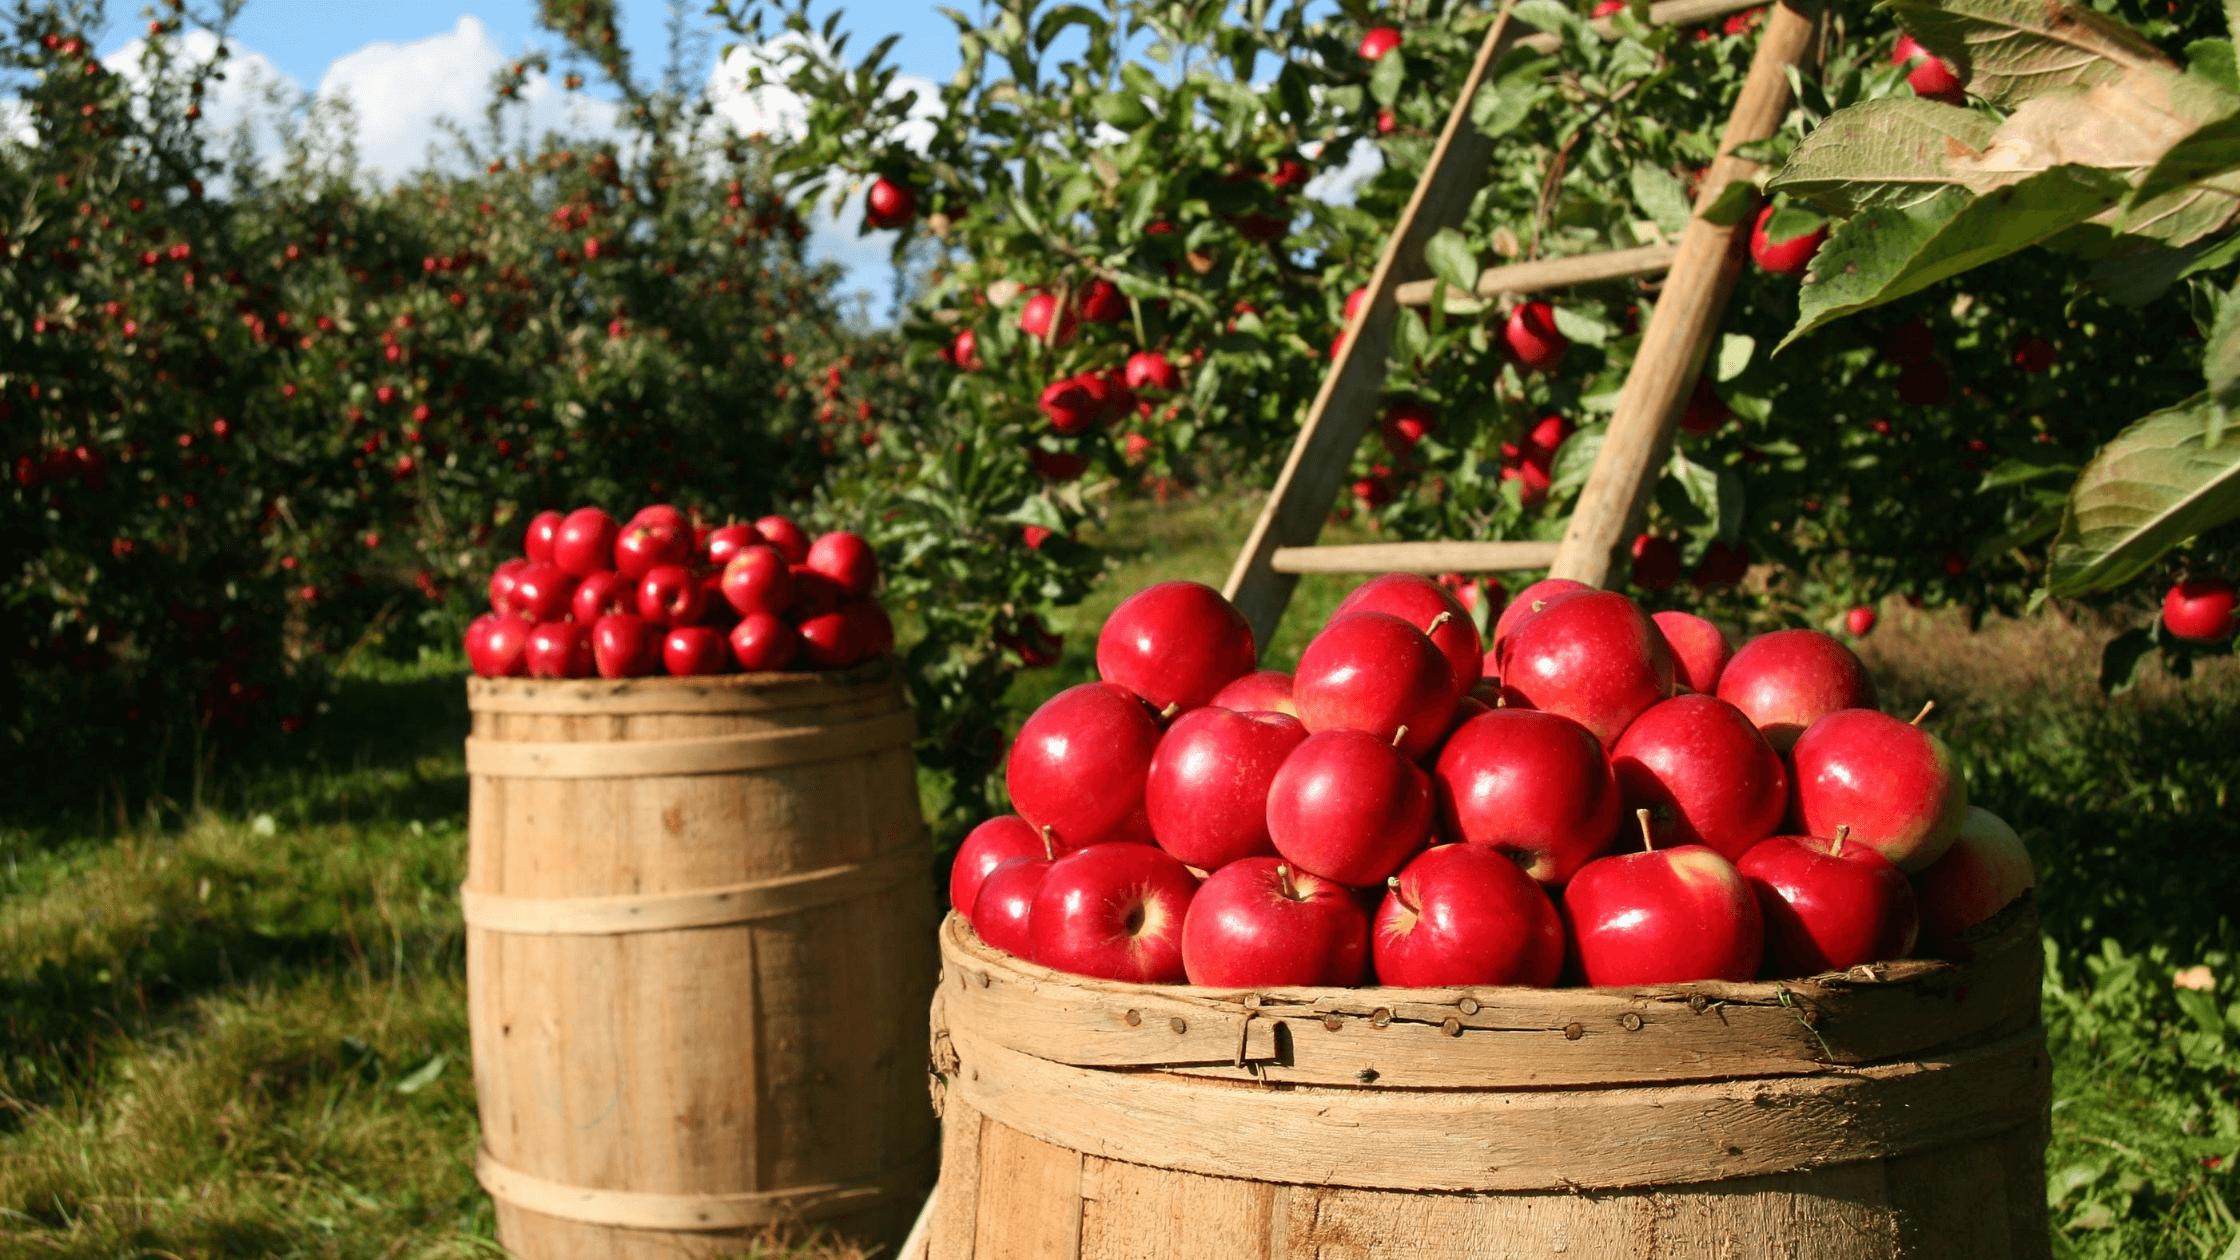 Pick your own apples Tasmania